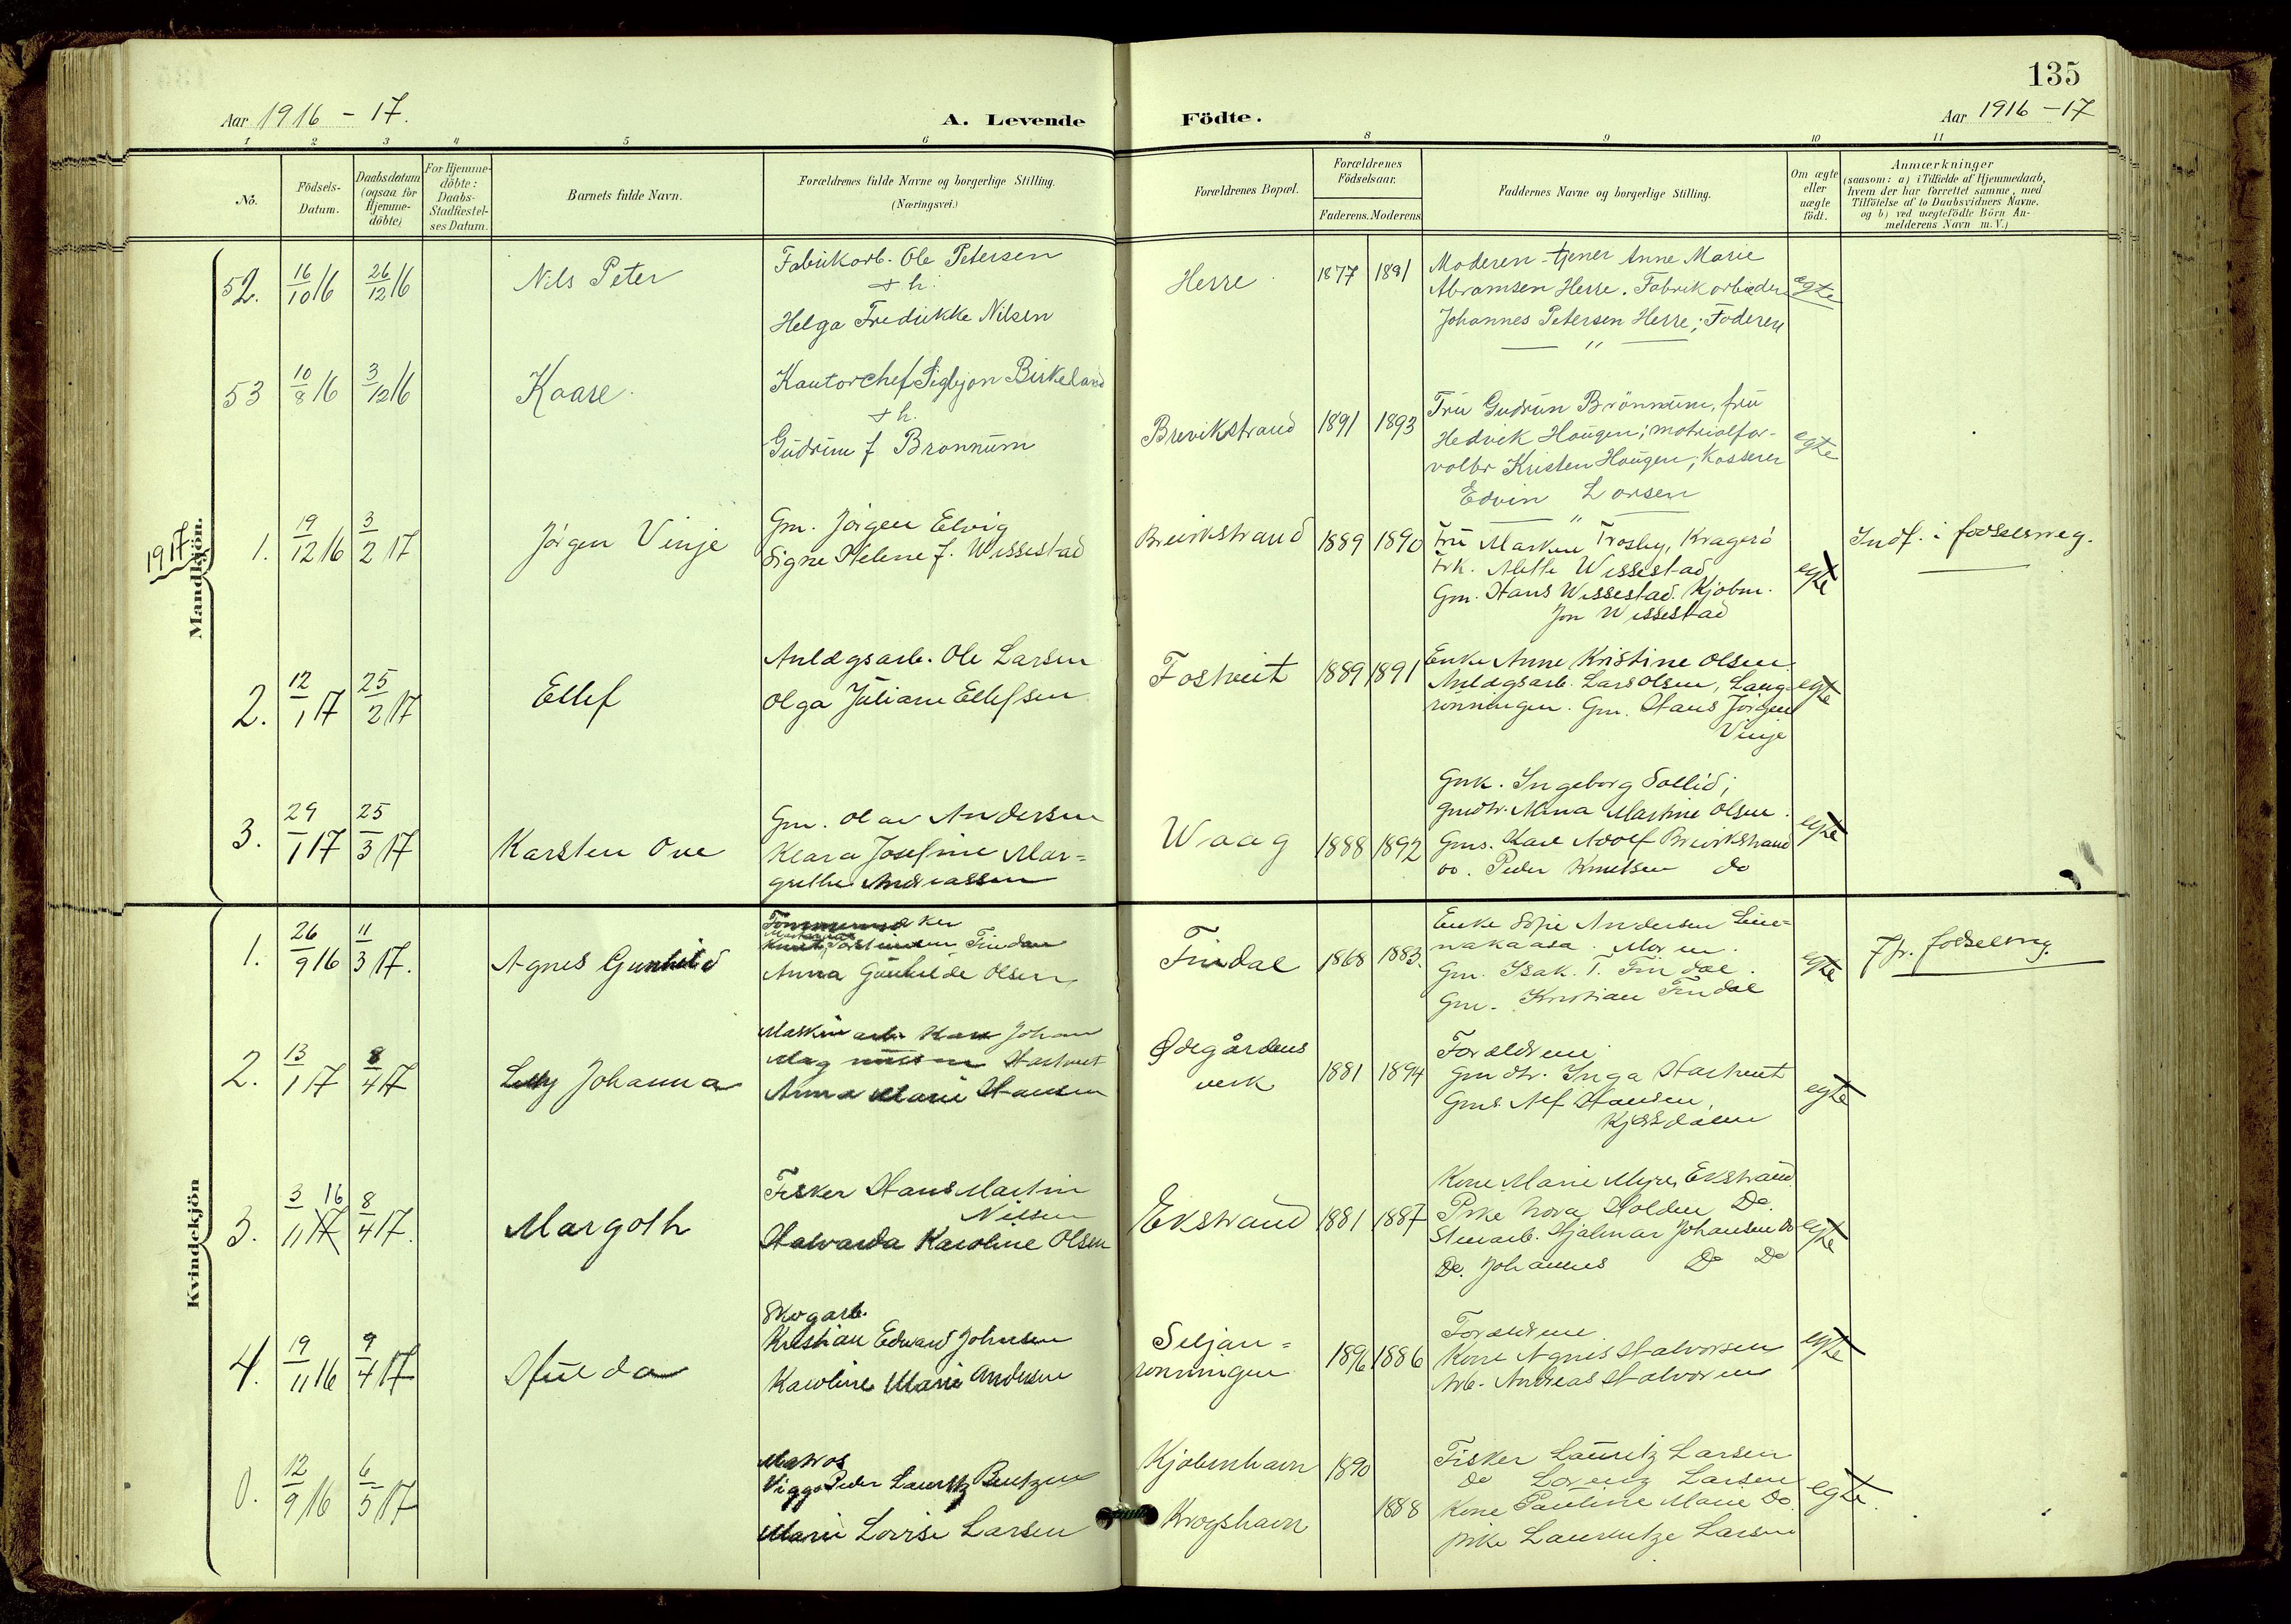 SAKO, Bamble kirkebøker, G/Ga/L0010: Klokkerbok nr. I 10, 1901-1919, s. 135